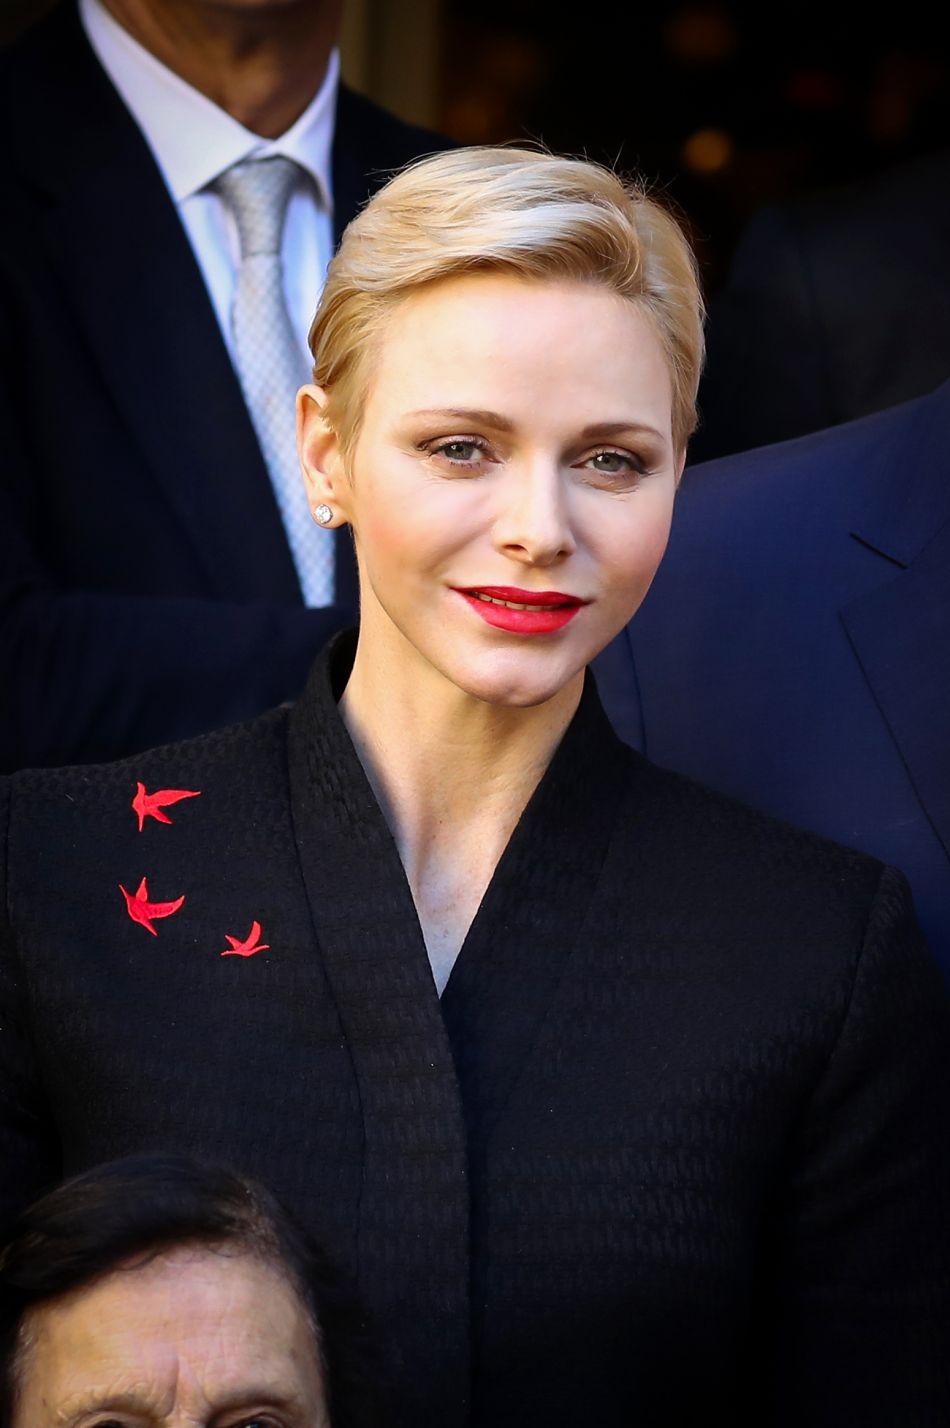 Charlene de Monaco est apparue radieuse et souriante ce vendredi 16 décembre 2016.